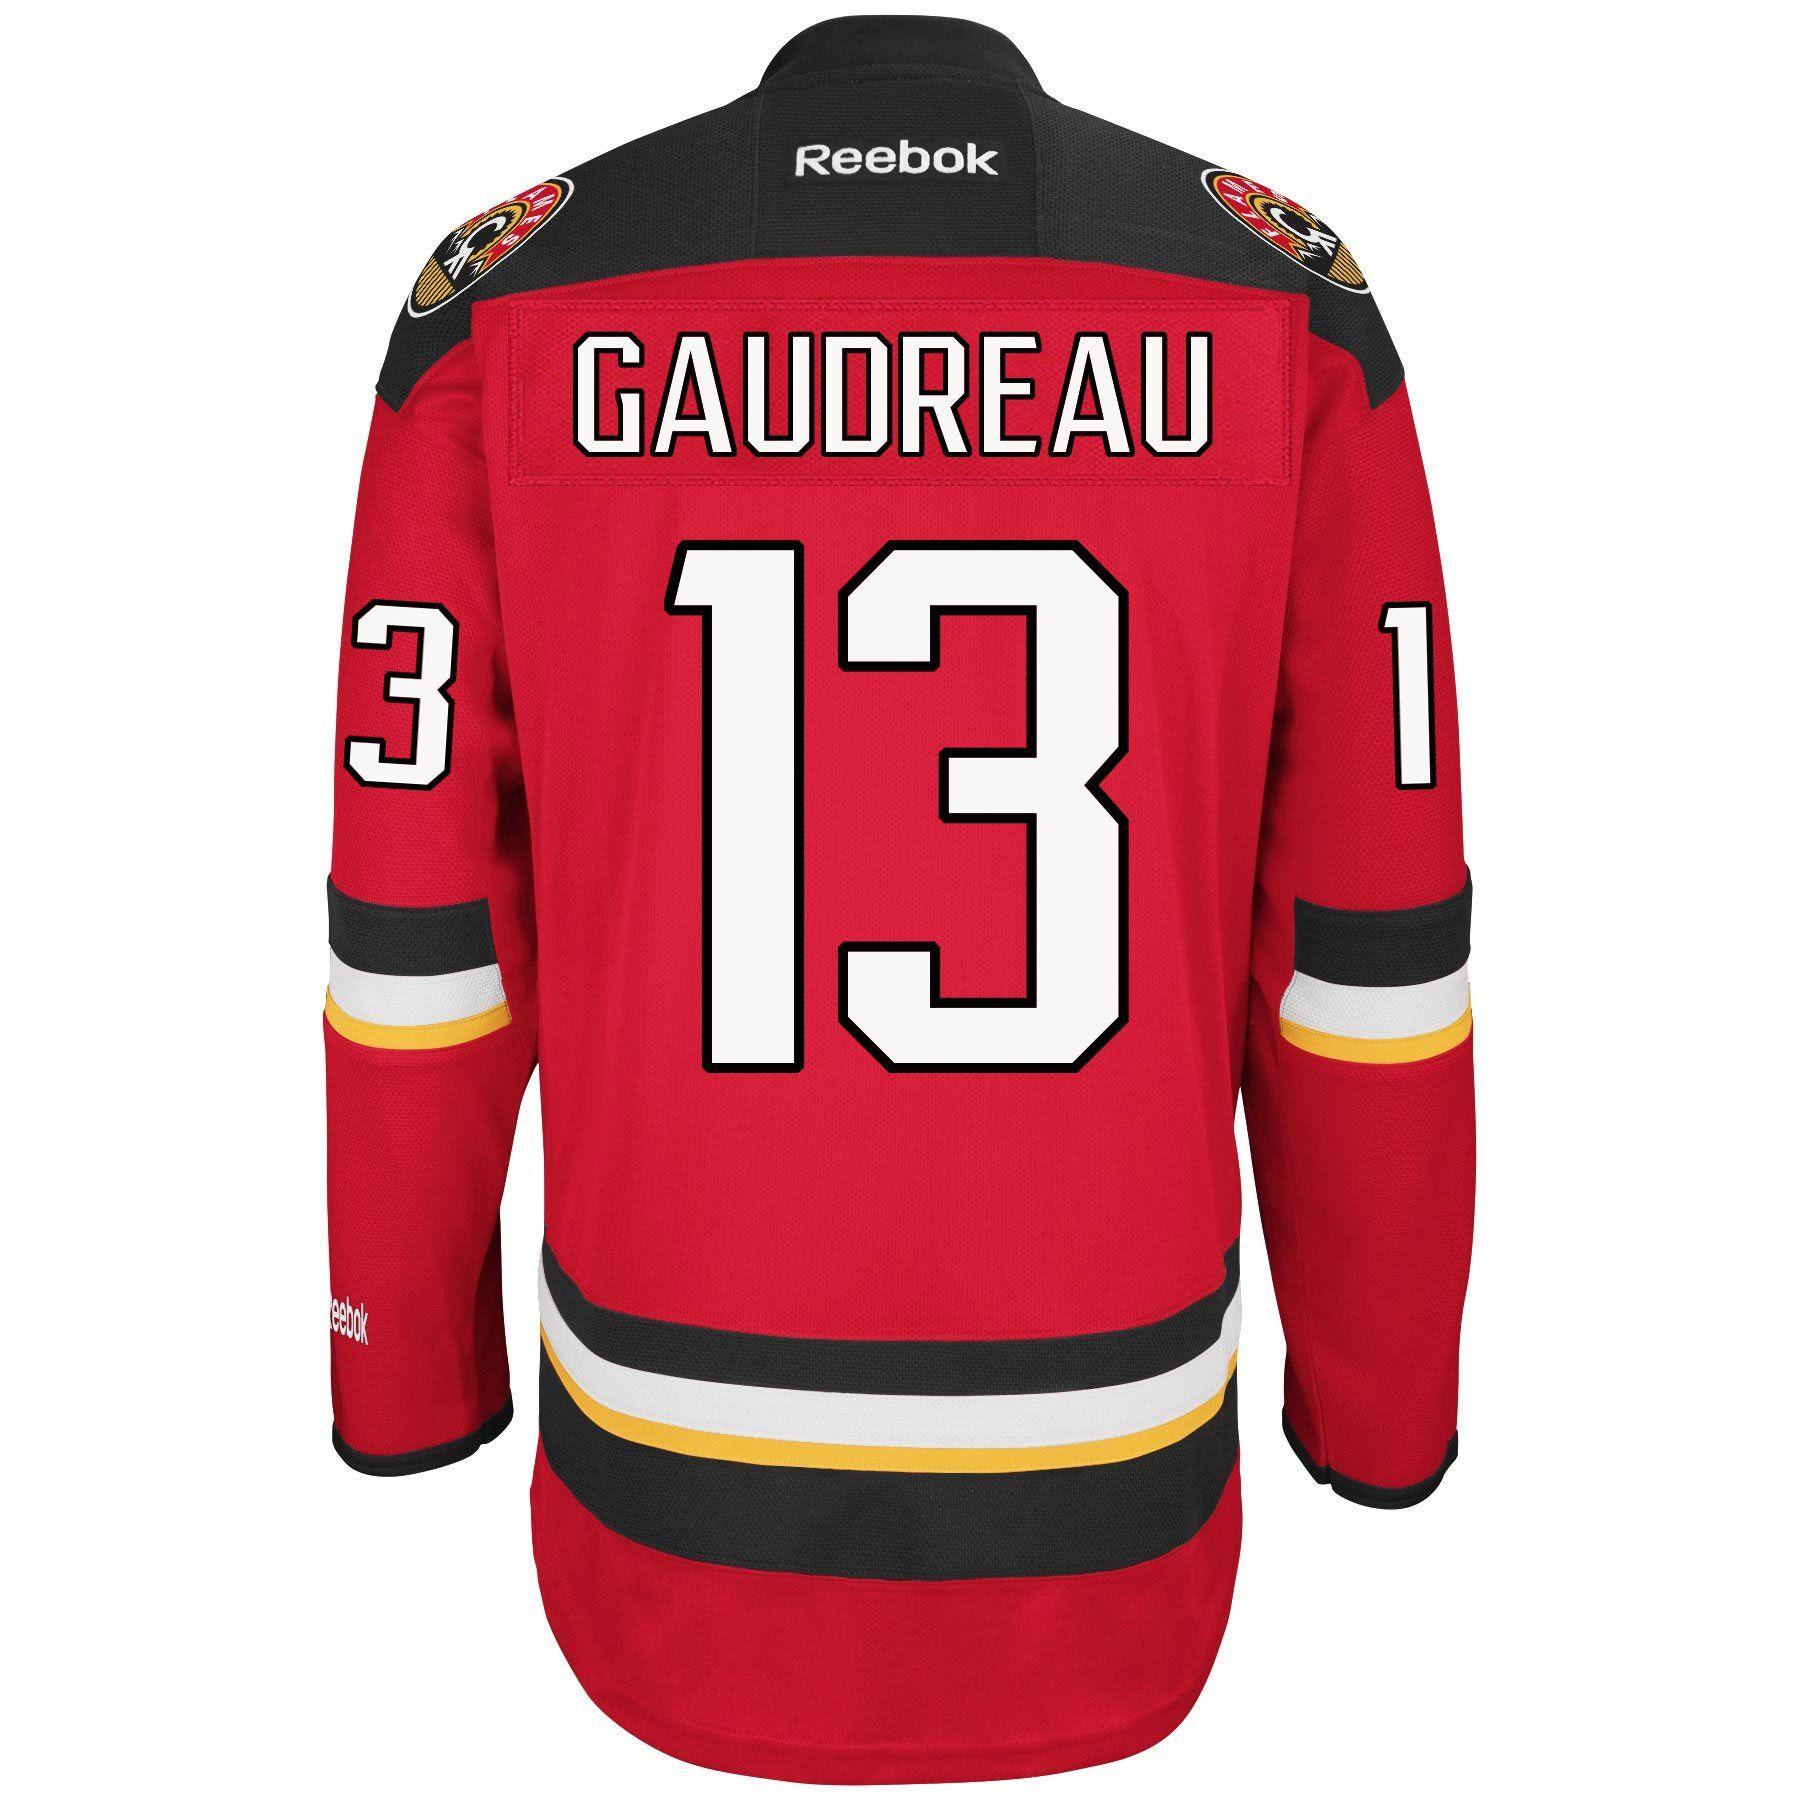 newest 1561a ca08a Johnny Gaudreau Calgary Flames Reebok Premier Replica ...